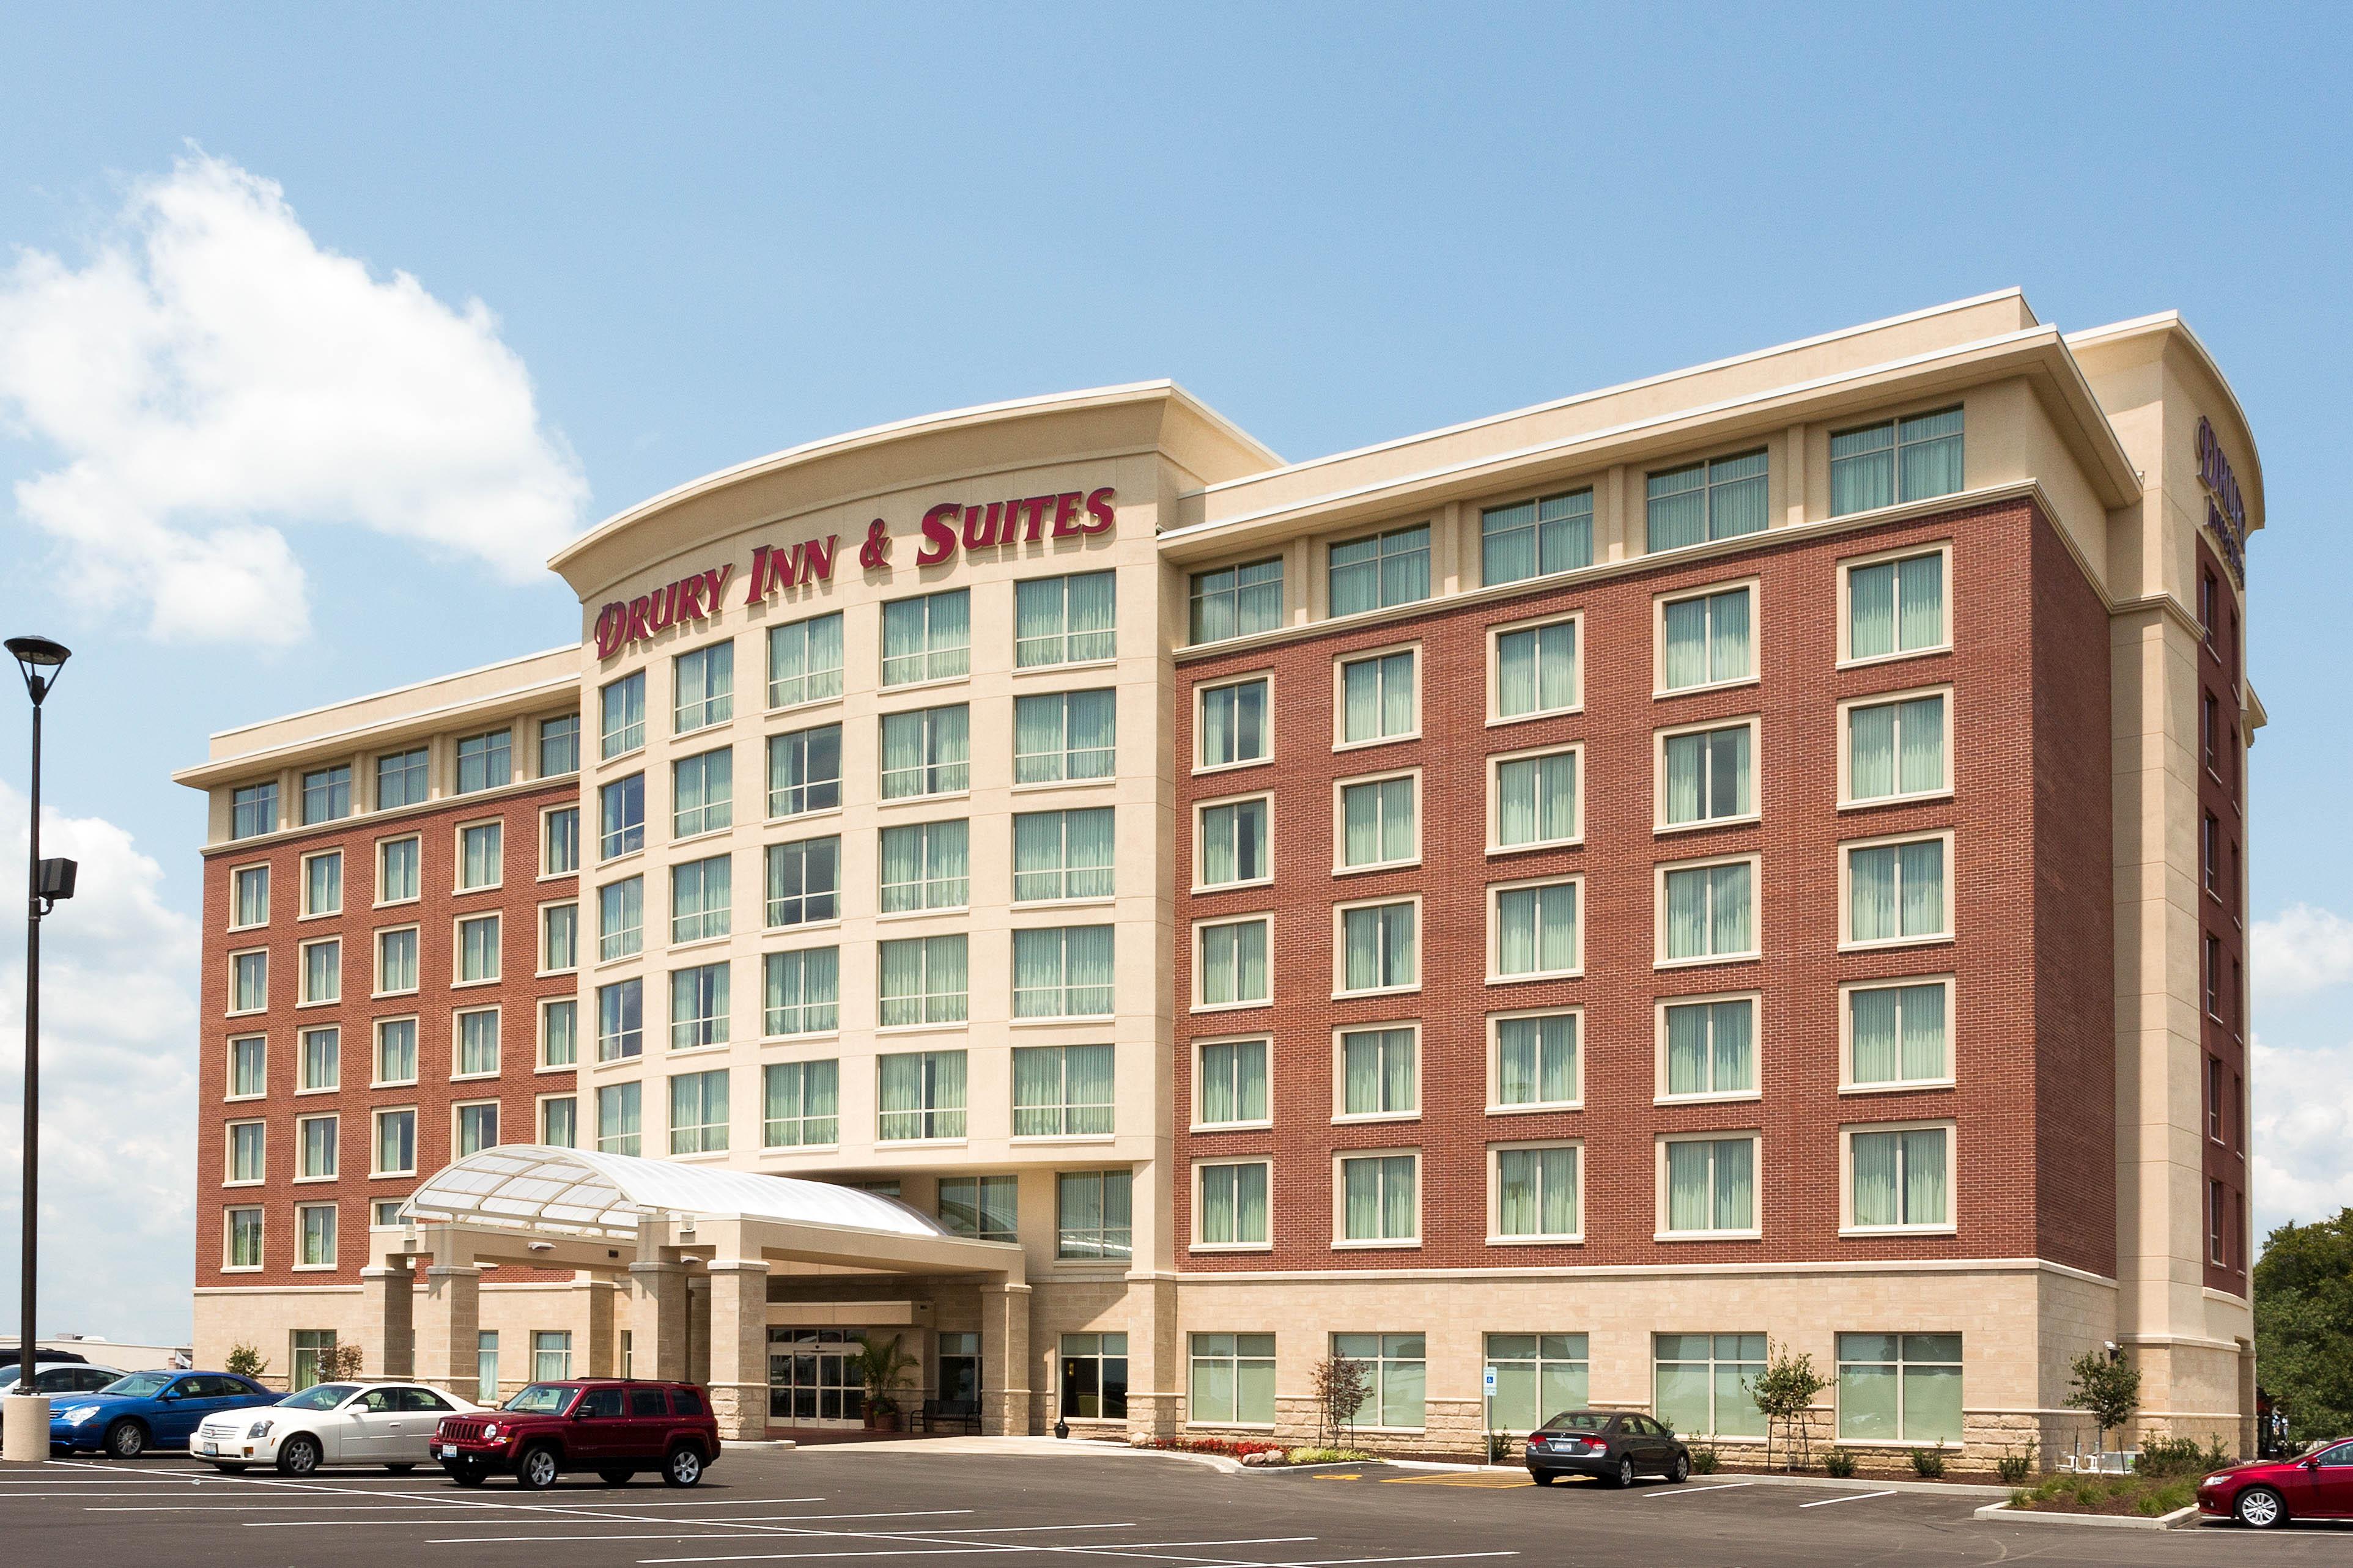 drury inn suites mt vernon drury hotels rh druryhotels com